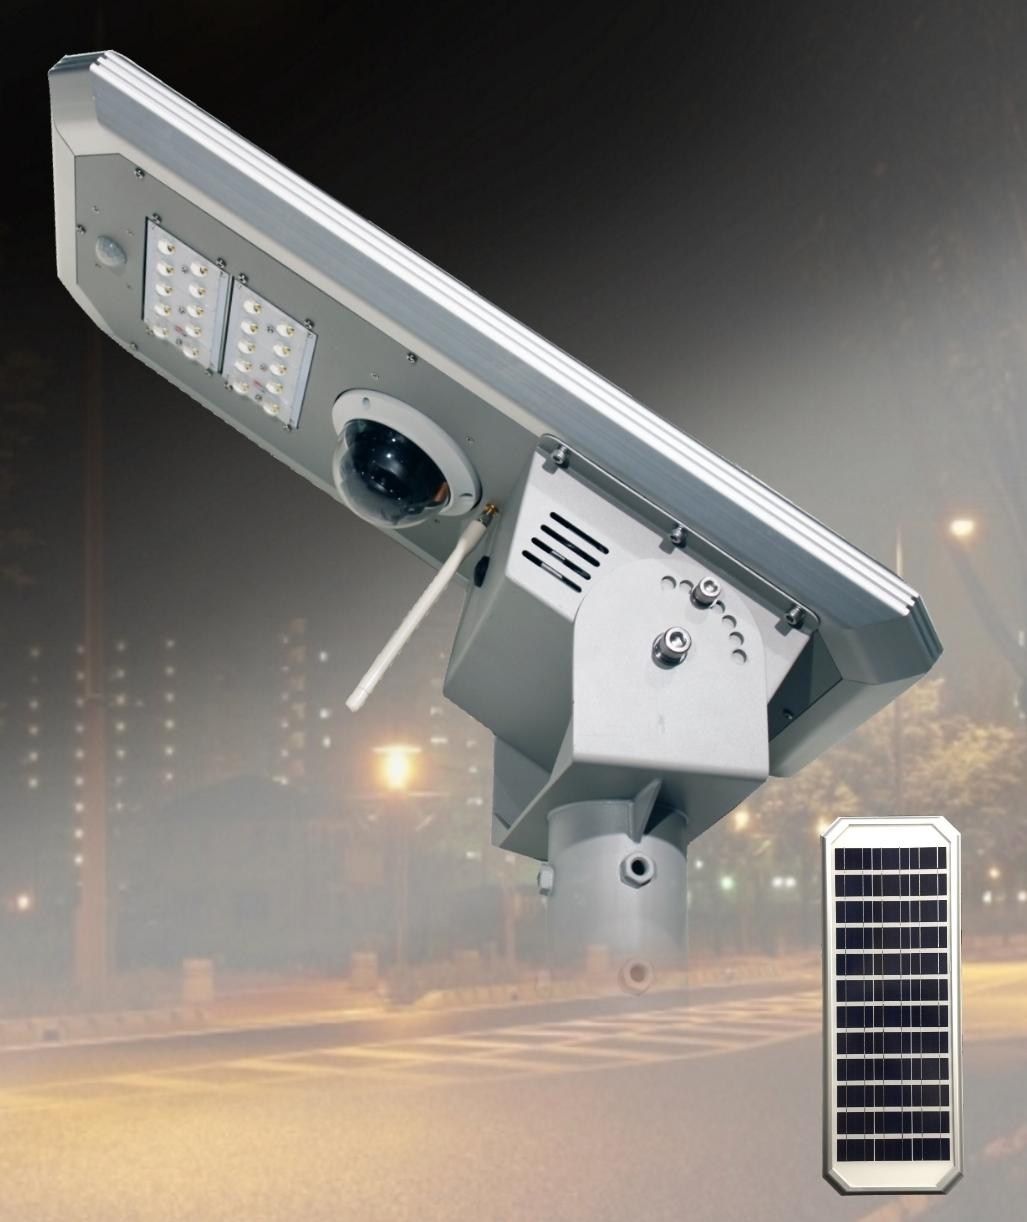 世界初の新技術 AIカメラ&アルカスソーラー街路灯